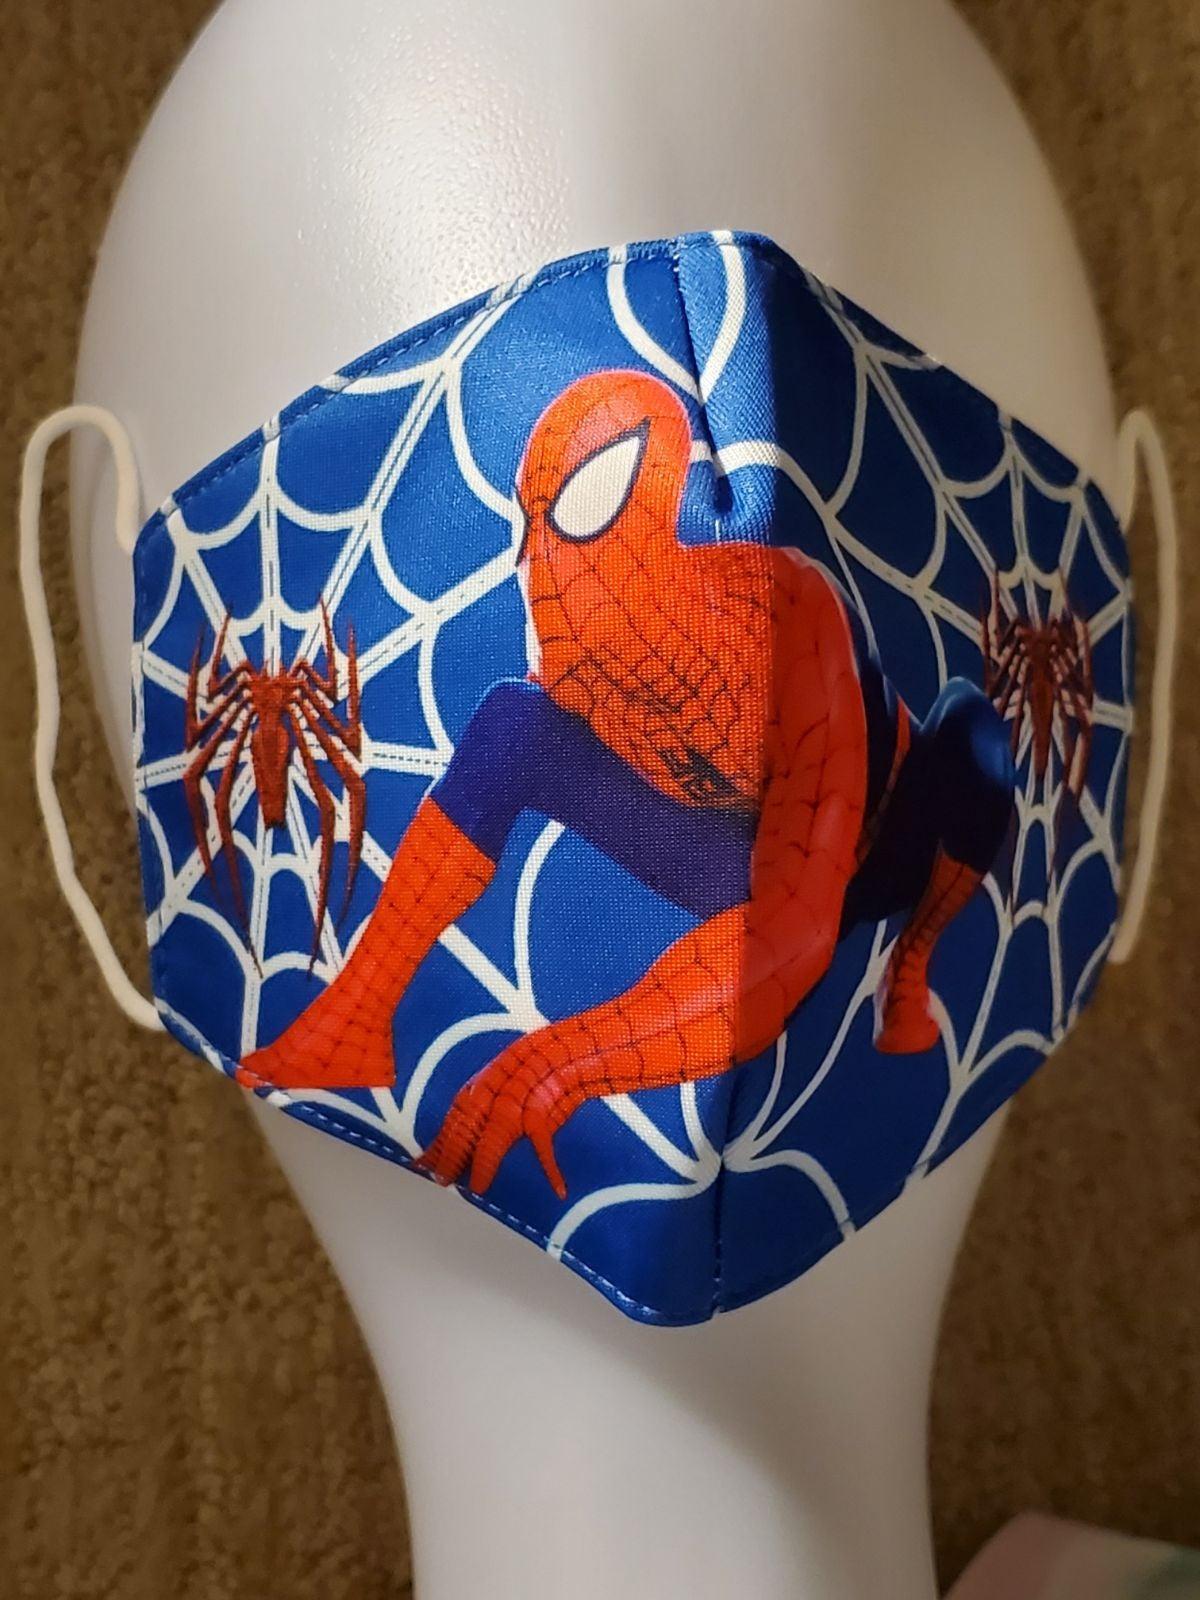 Spiderman Children's Mask in Blue